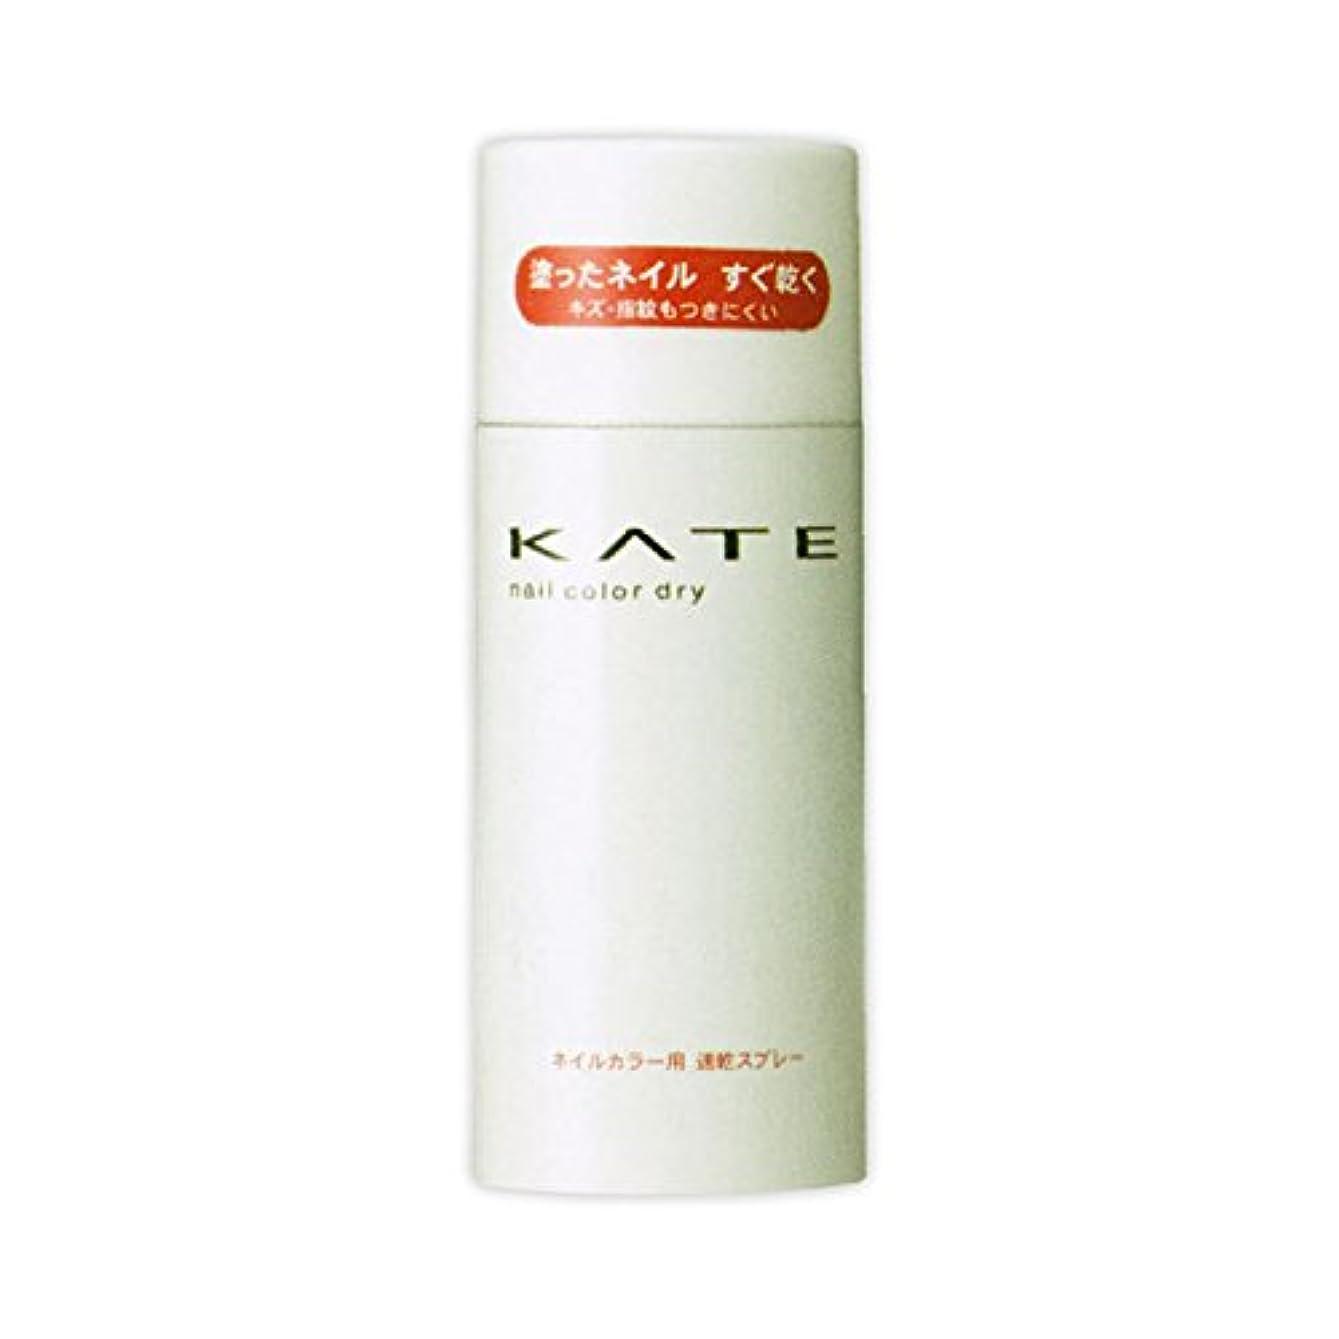 懐疑的胚代わりにカネボウ ケイト KATE ネイルカラードライ S 90g